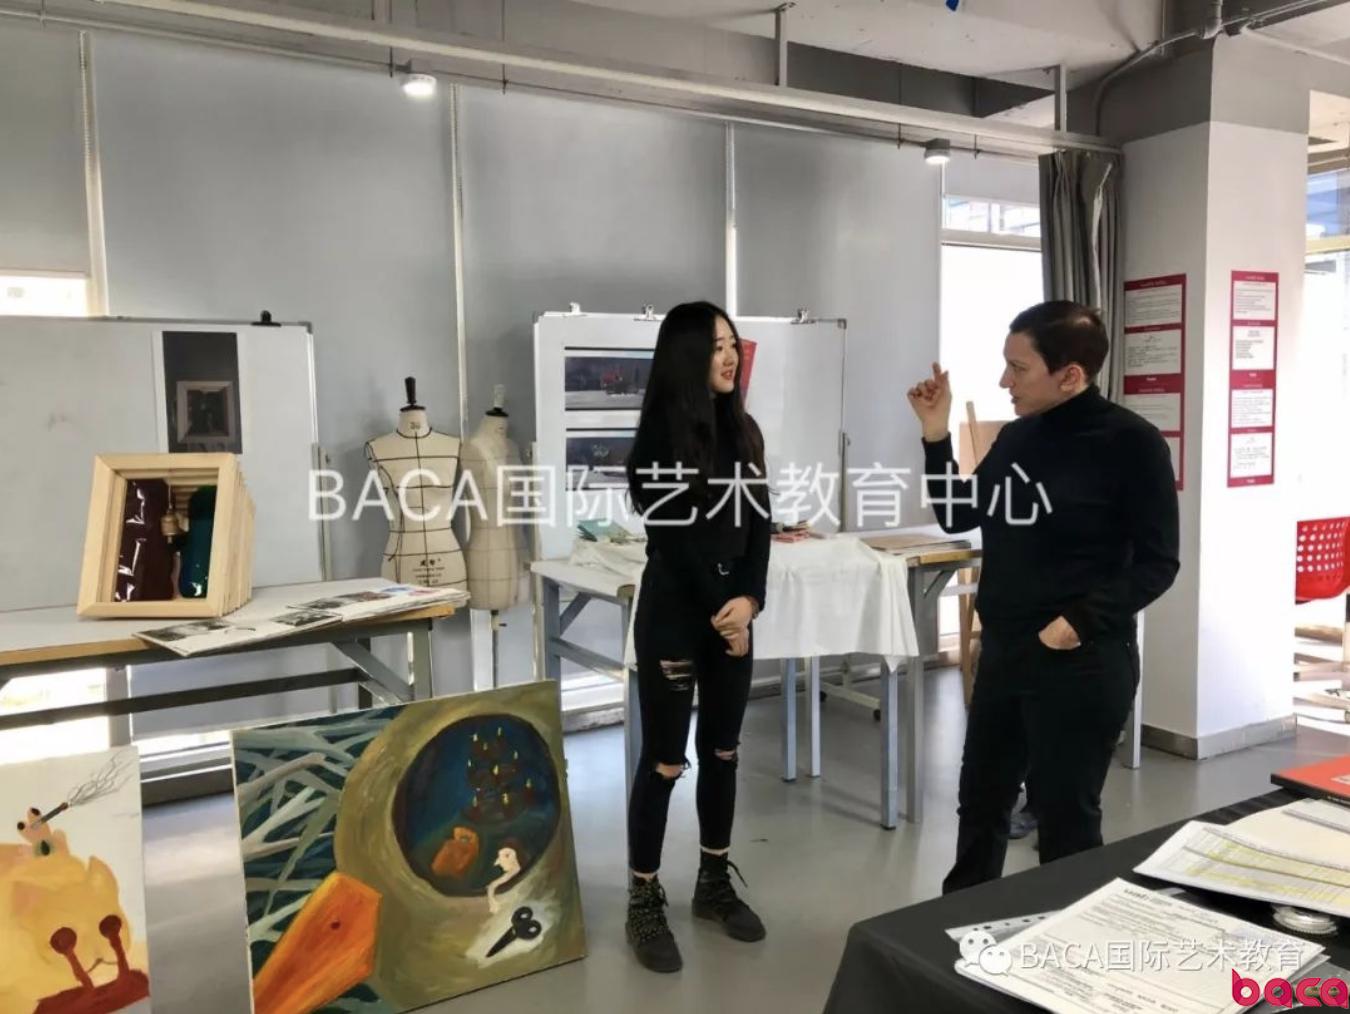 【艺术留学】英艺术留学BACA国际艺术高中能给你更多选择|BACA资讯